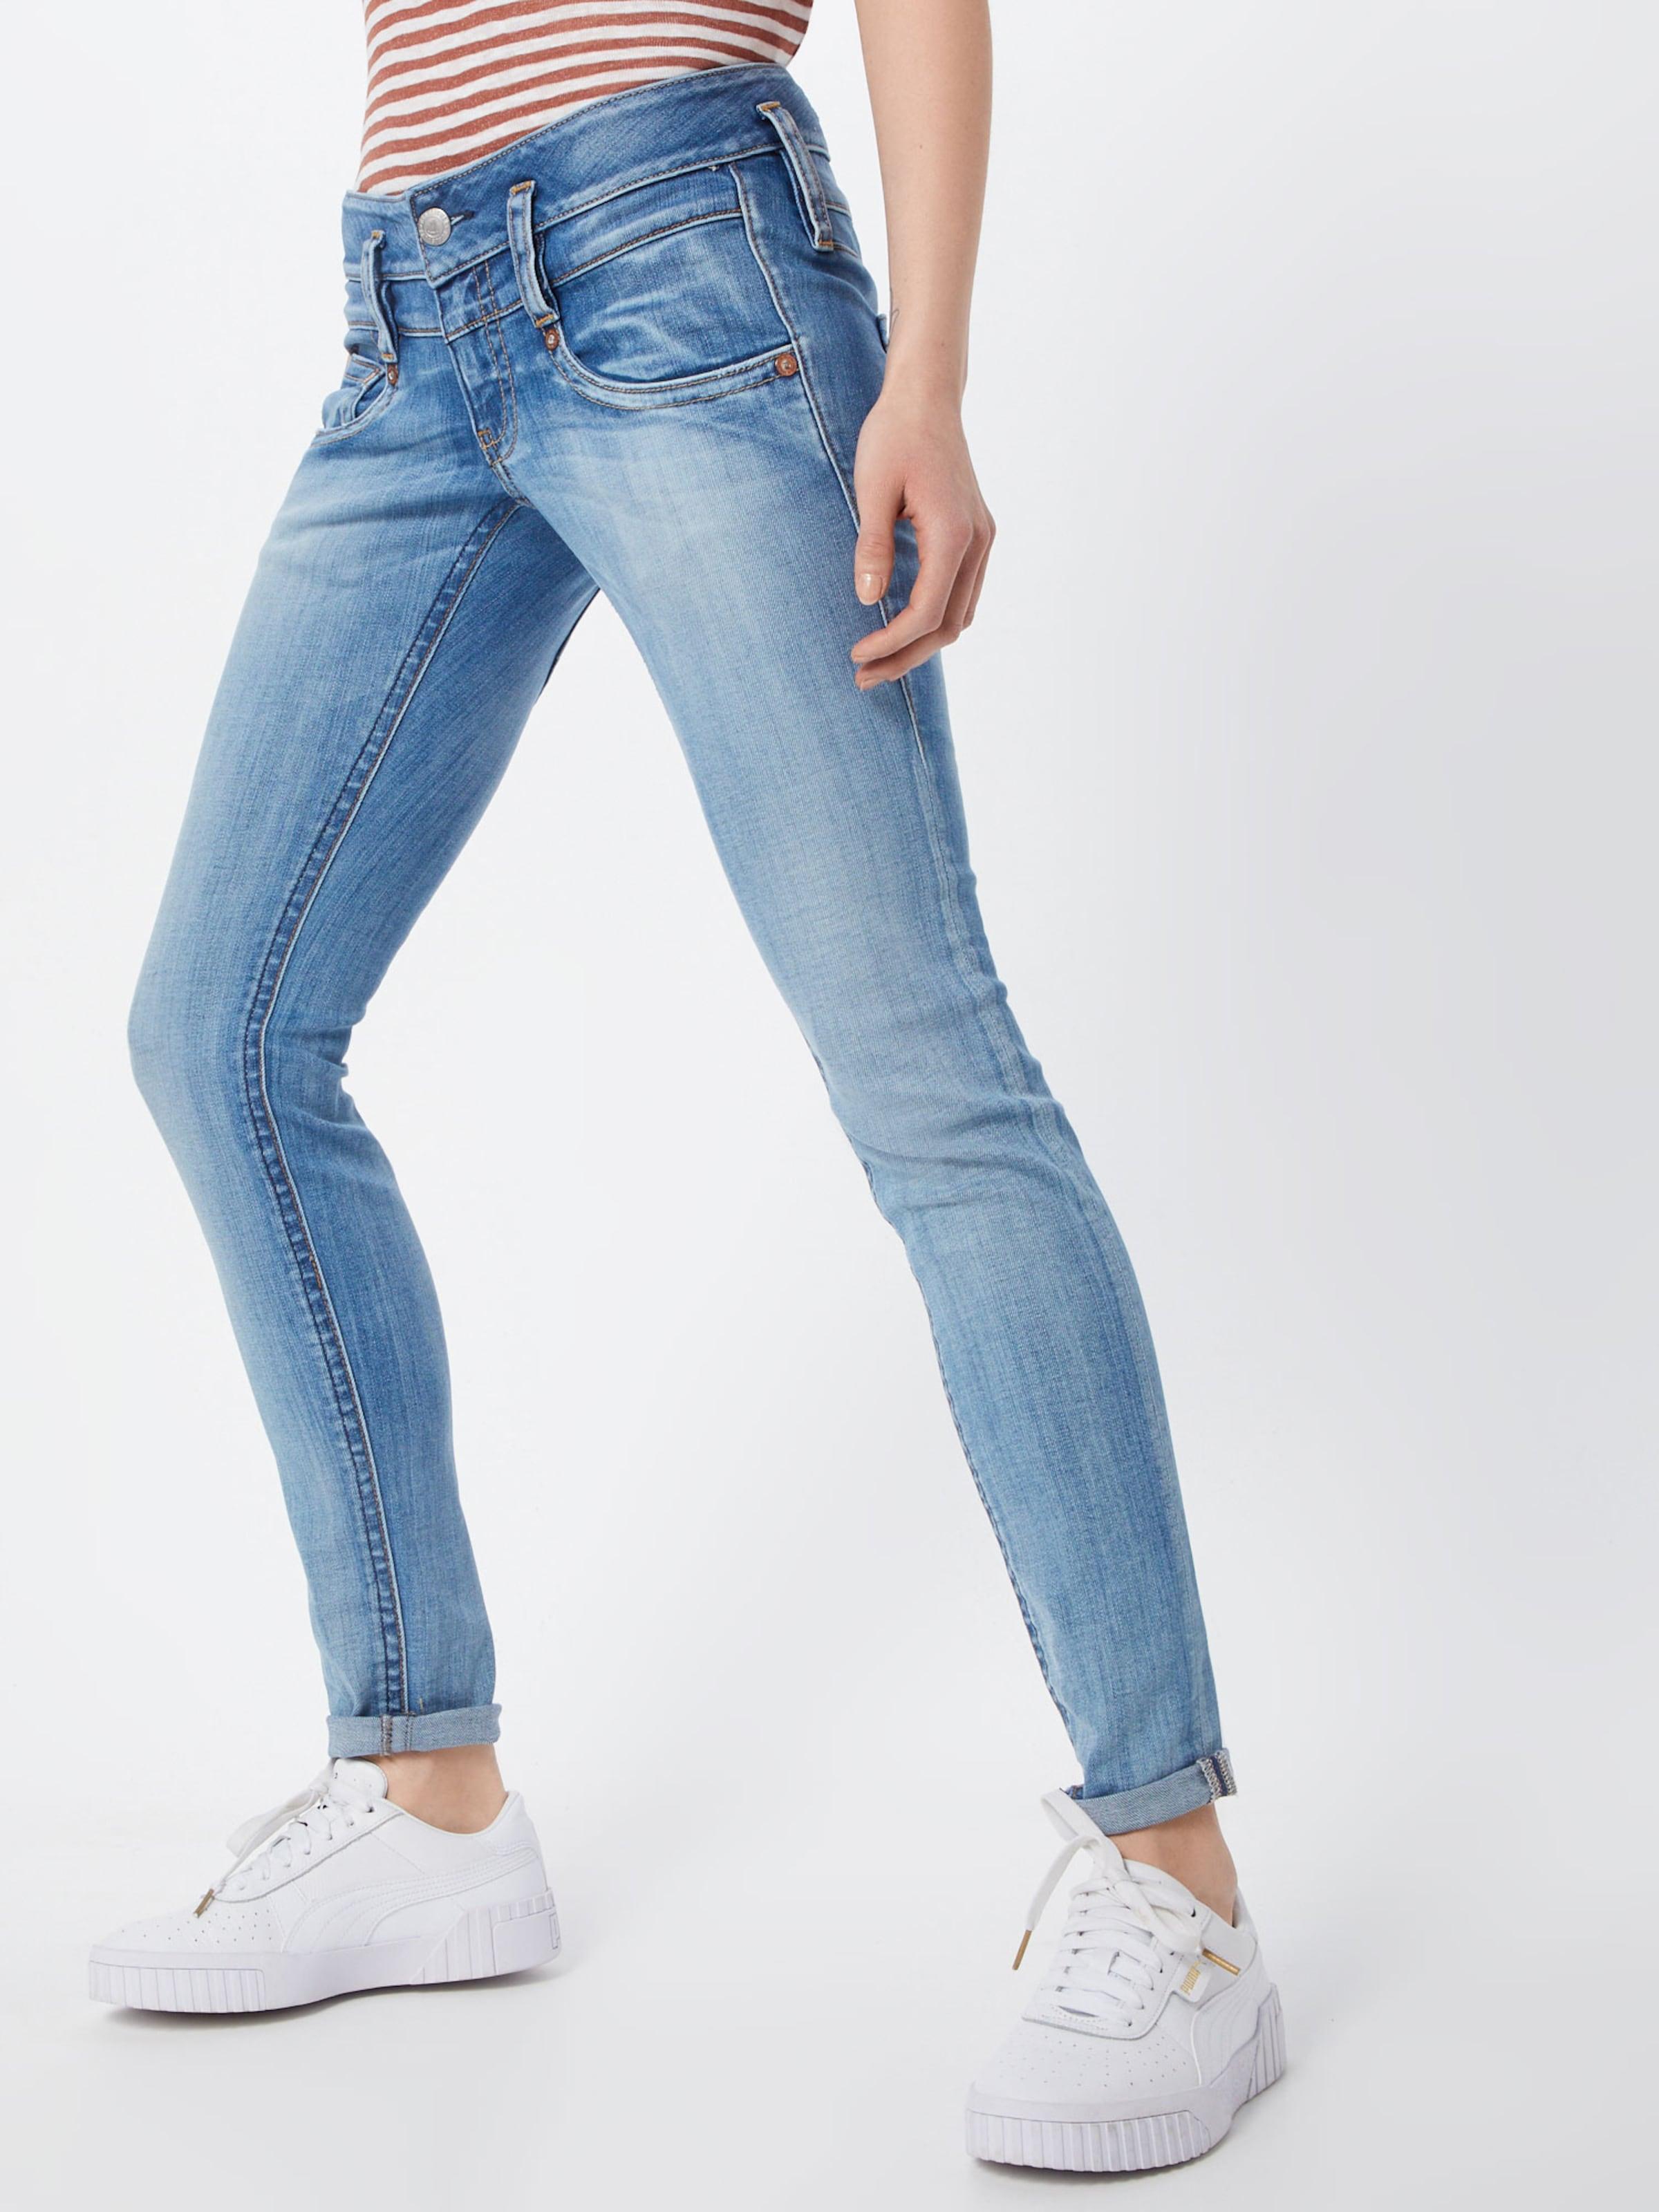 Jeans Denim Jeans Blue In Herrlicher Herrlicher In Denim In Blue Blue Jeans Herrlicher IE2WDH9Y